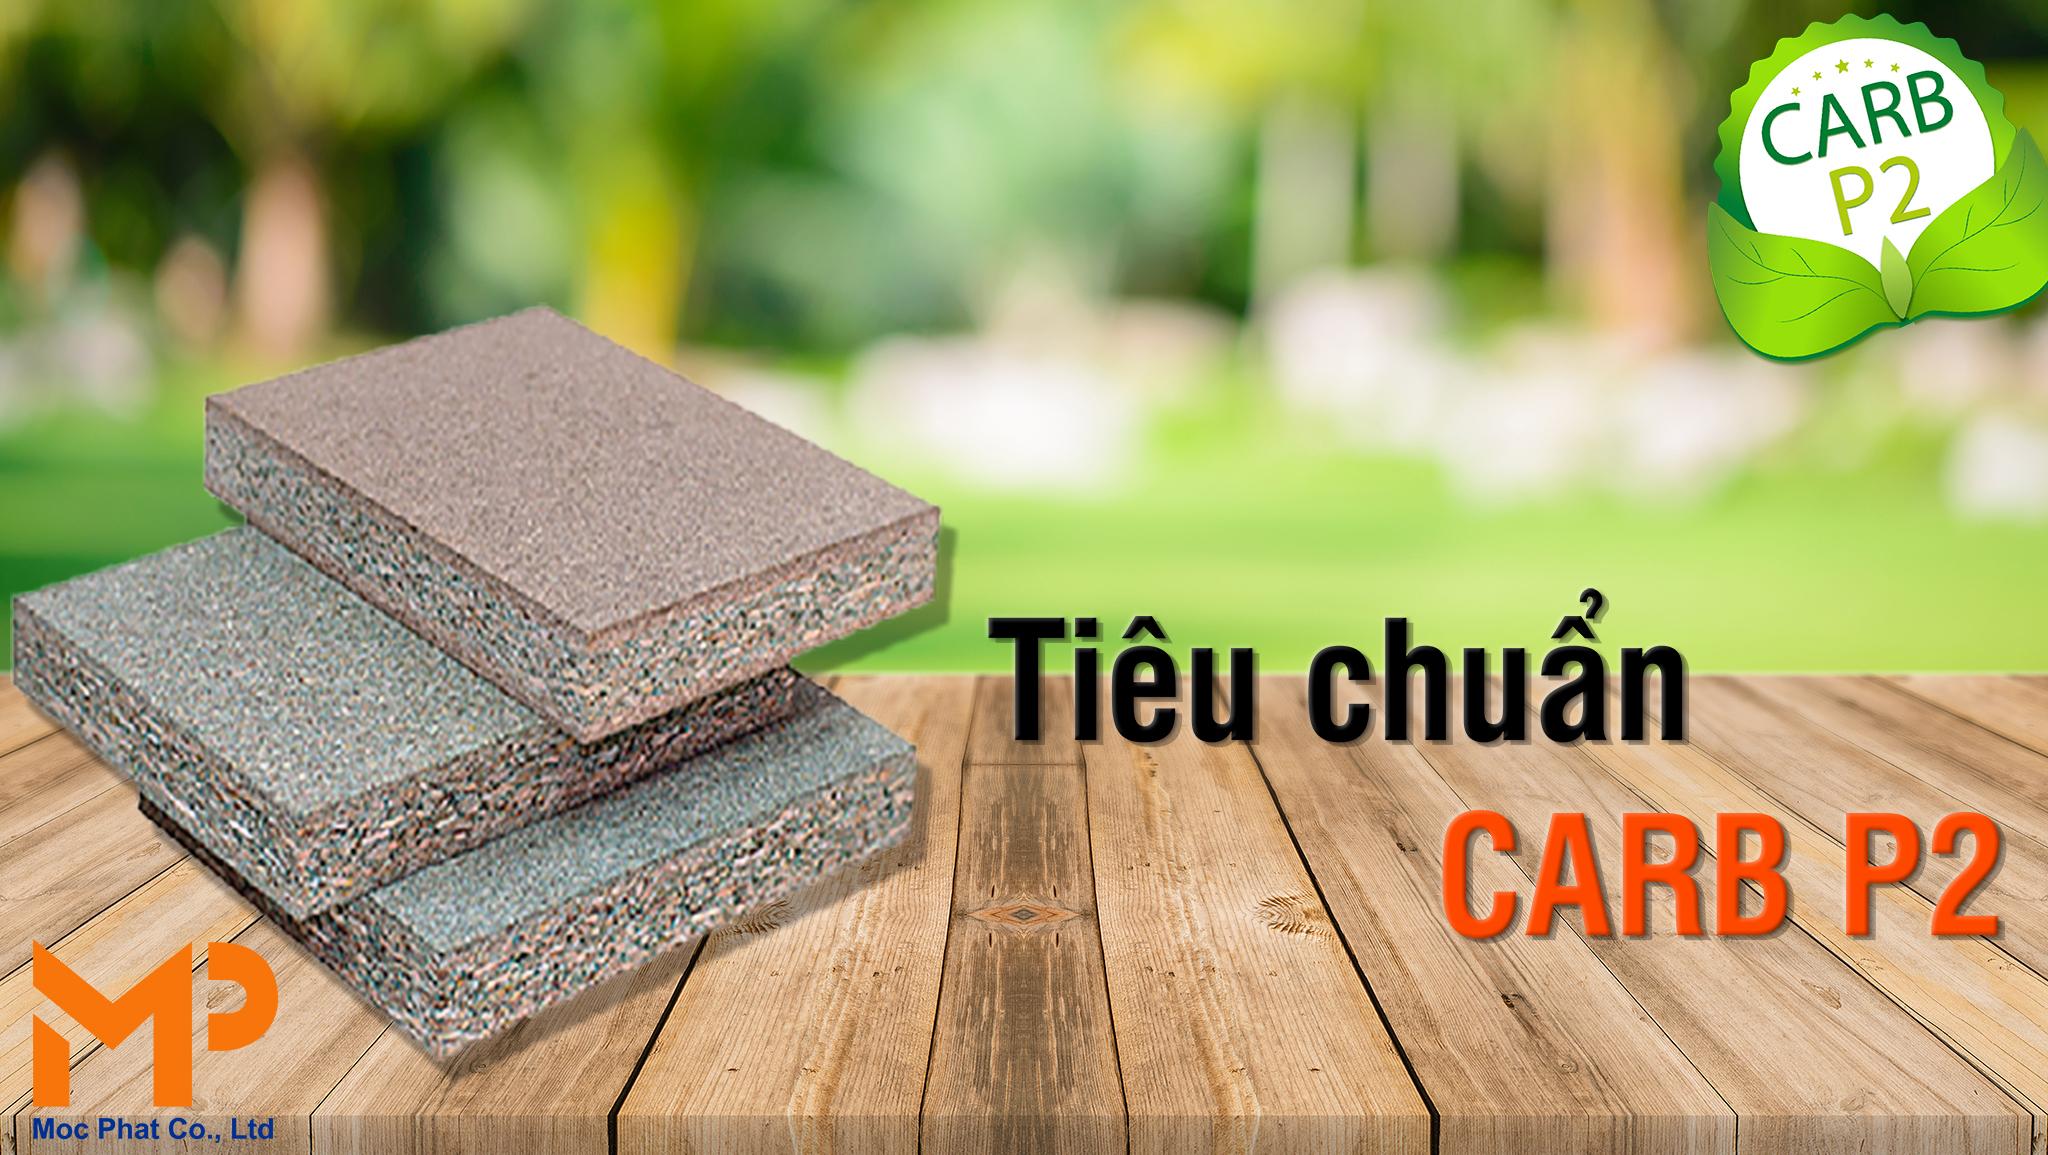 Điều nên biết về tiêu chuẩn Carb P2 khi dùng gỗ công nghiệp làm nội thất